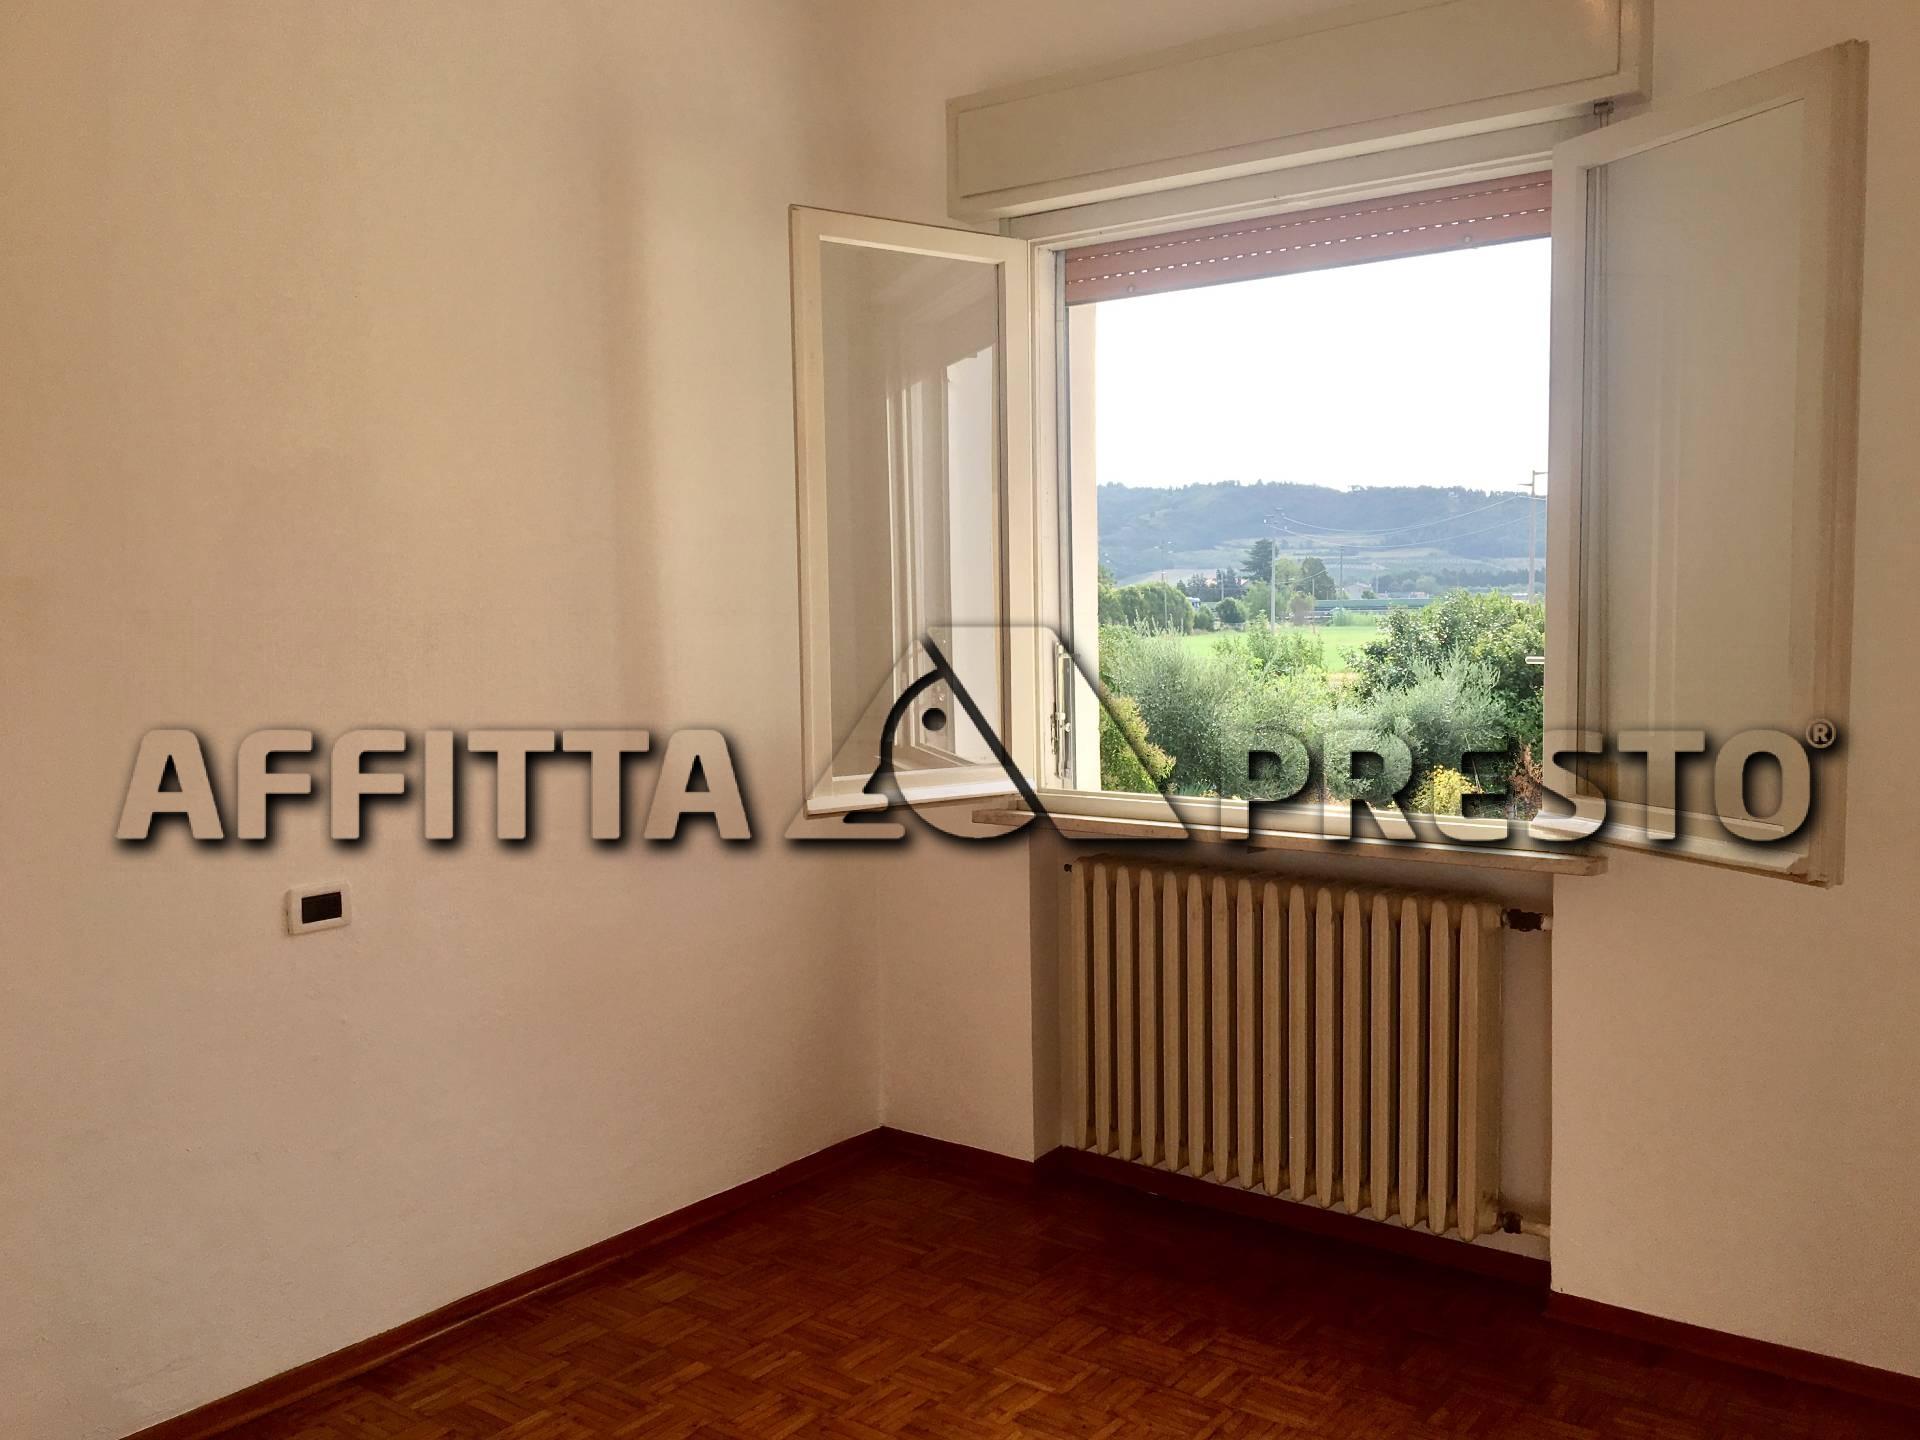 Soluzione Indipendente in affitto a Cesena, 5 locali, zona Località: SanVittore, prezzo € 650 | CambioCasa.it